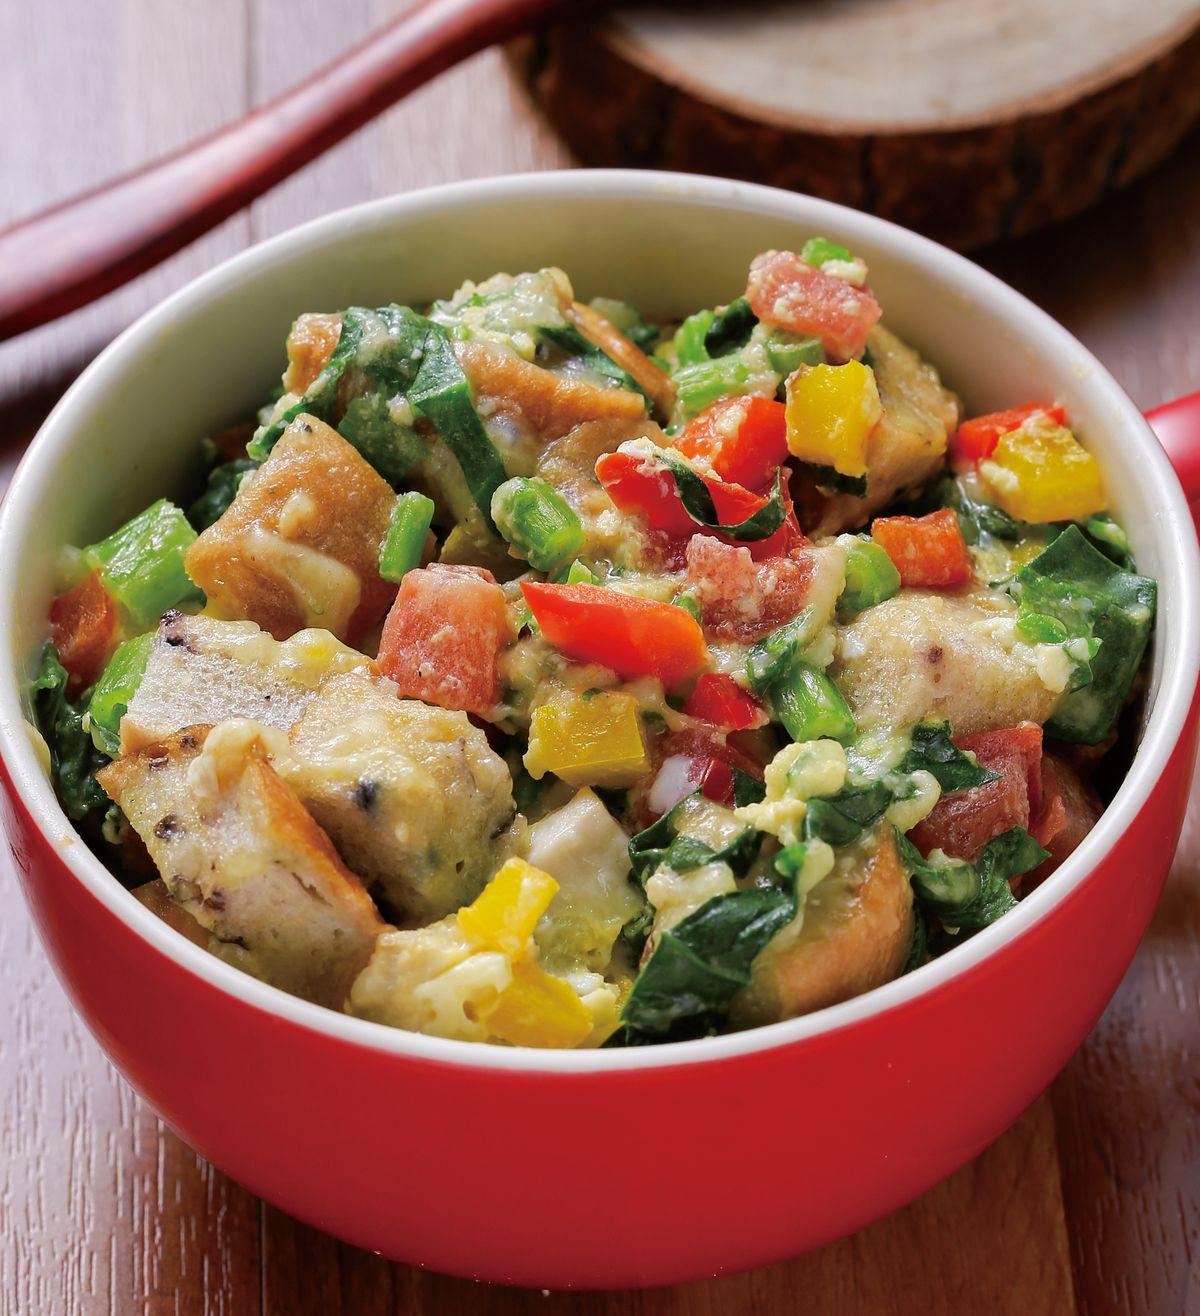 食譜:蔬菜雞蛋貝果